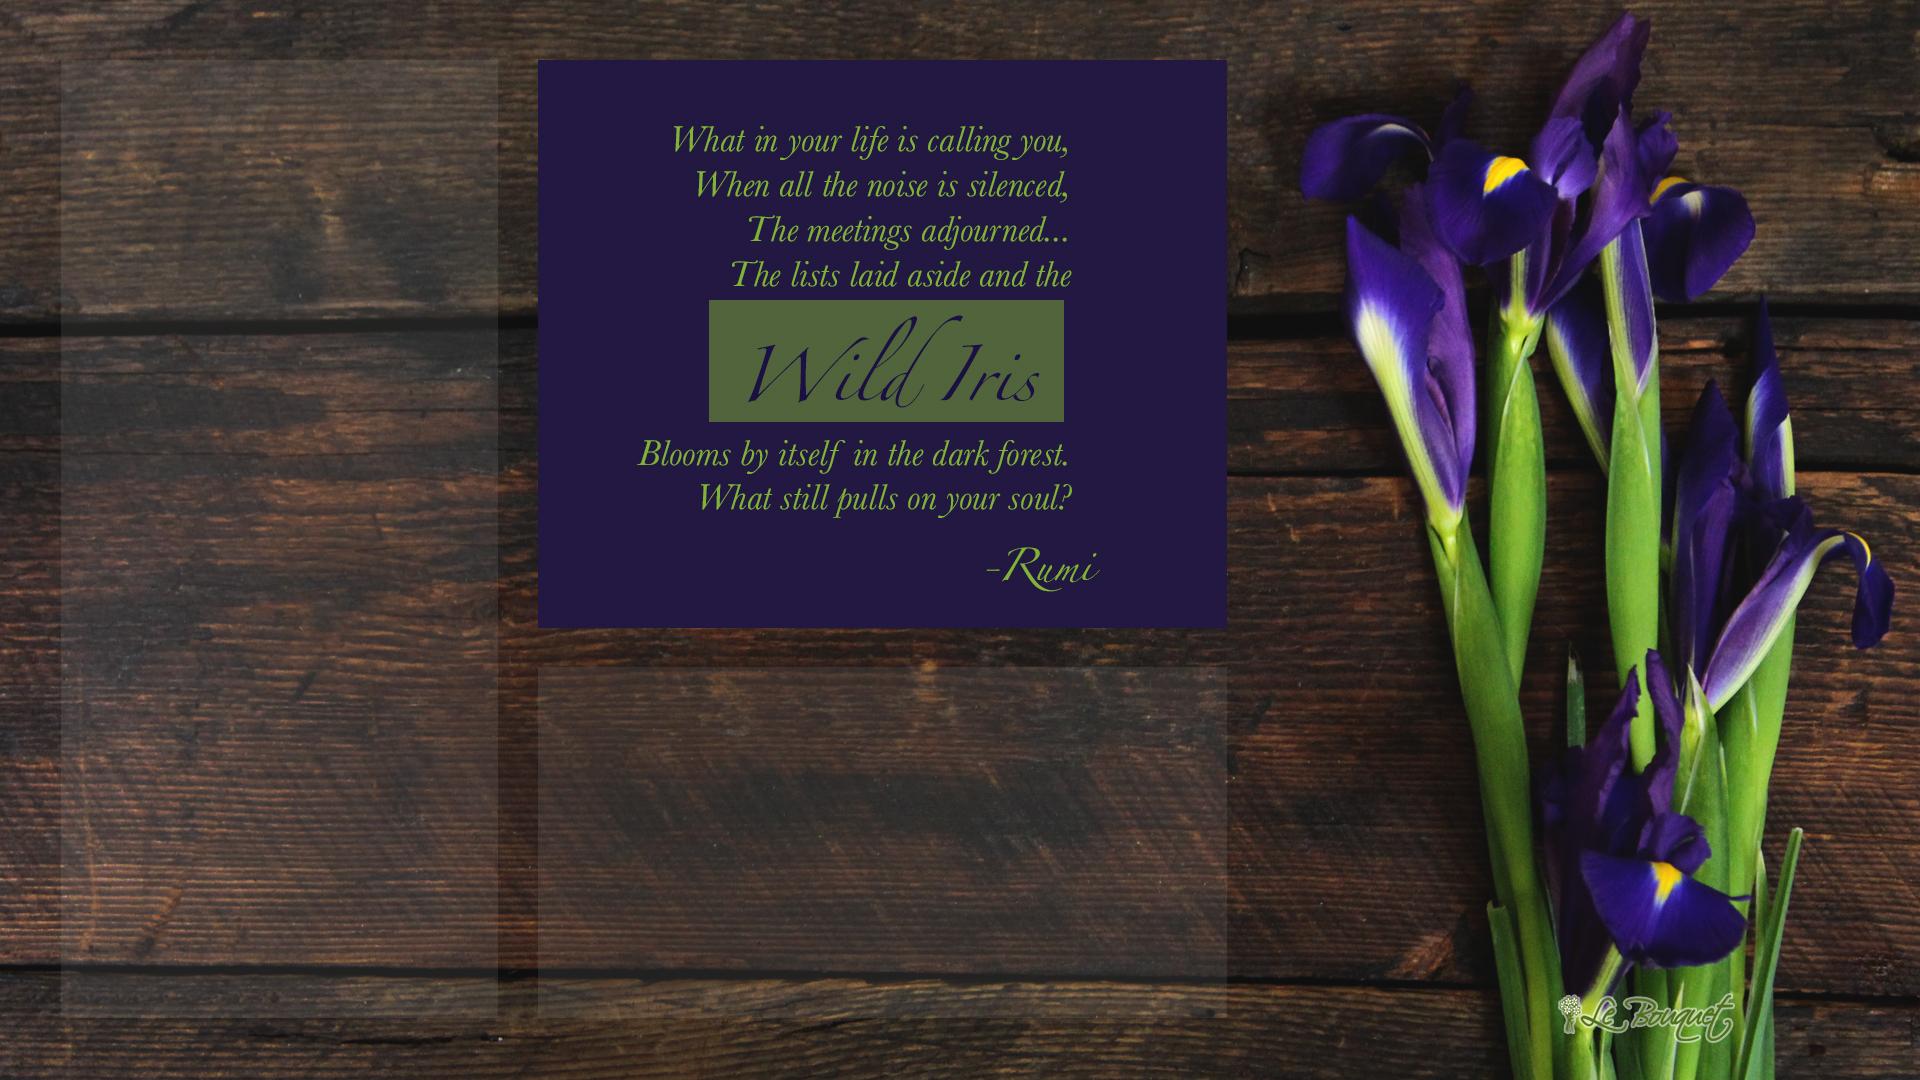 Wild iris desktop wallpaper - fond d'écran gratuit par Le Bouquet